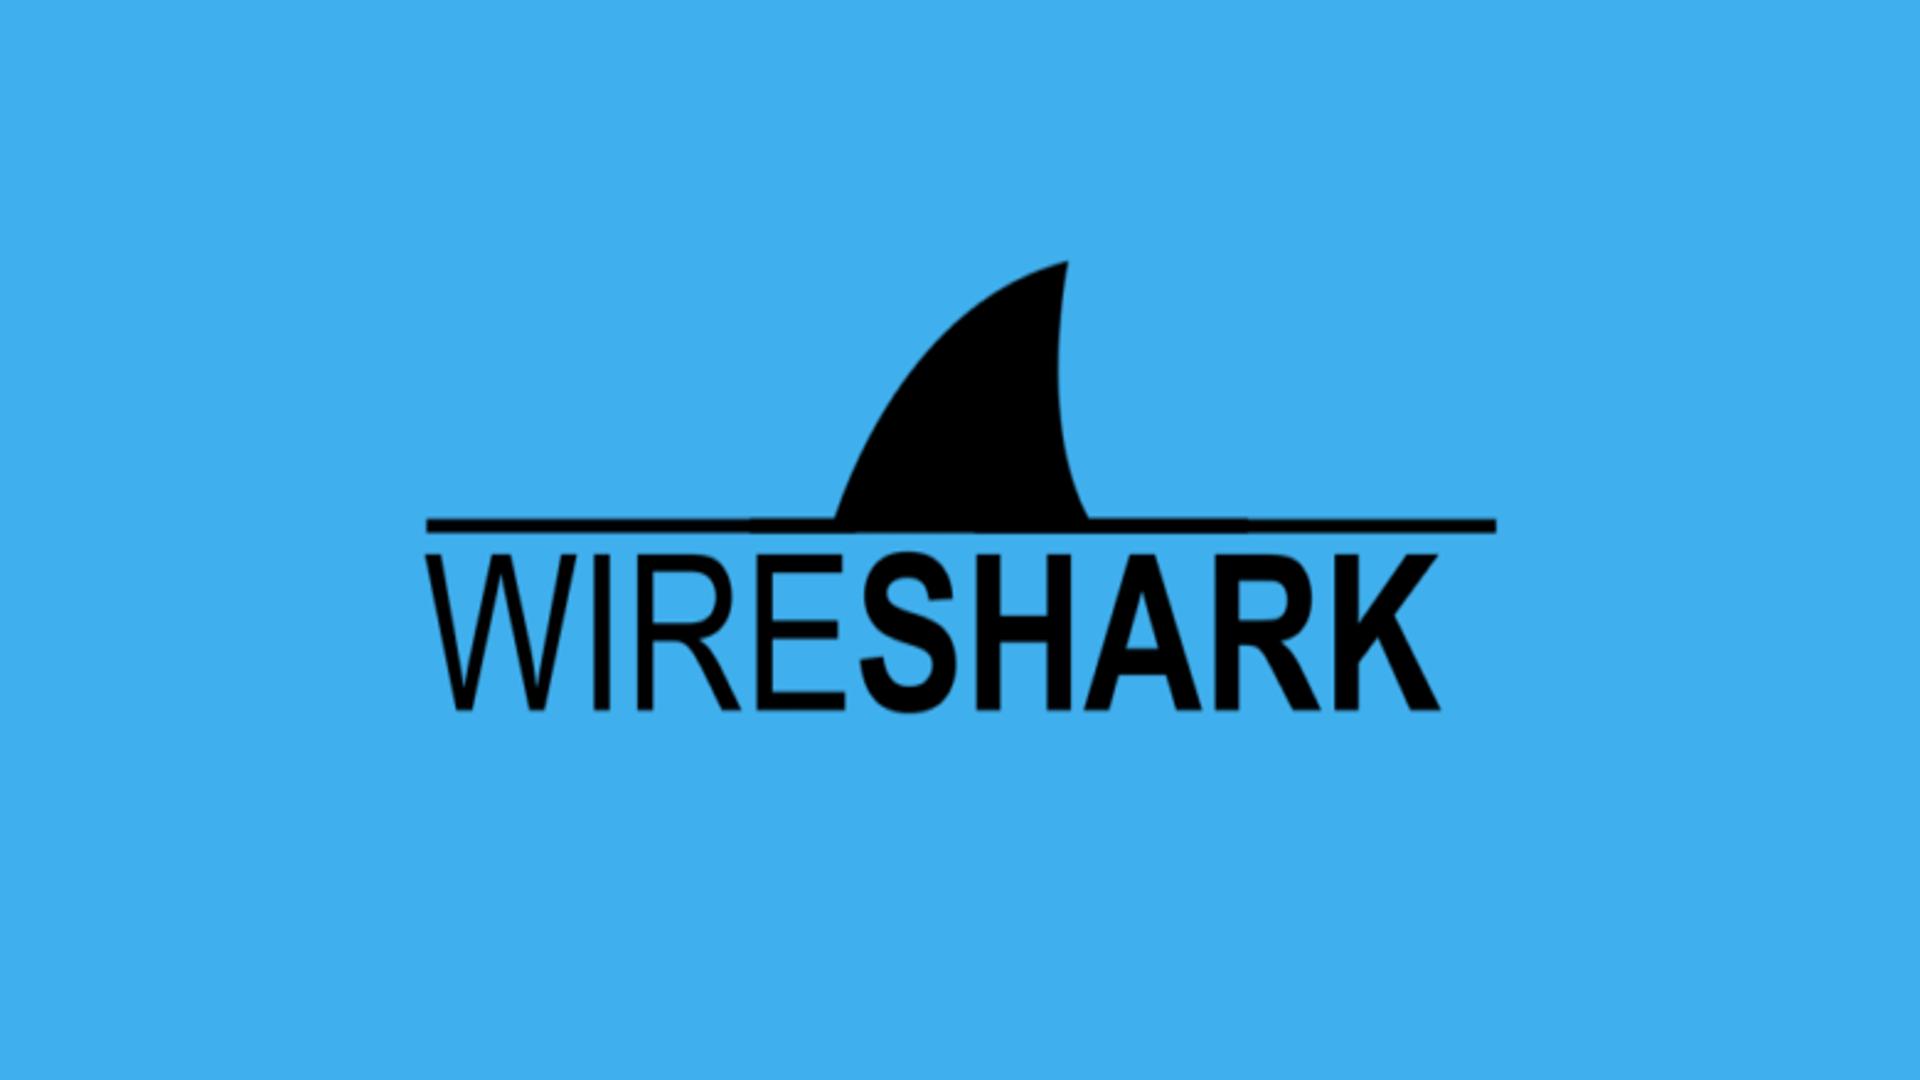 Wireshark 3.5.0 (64-bit) Crack For Windows + Keygen Full [2022]